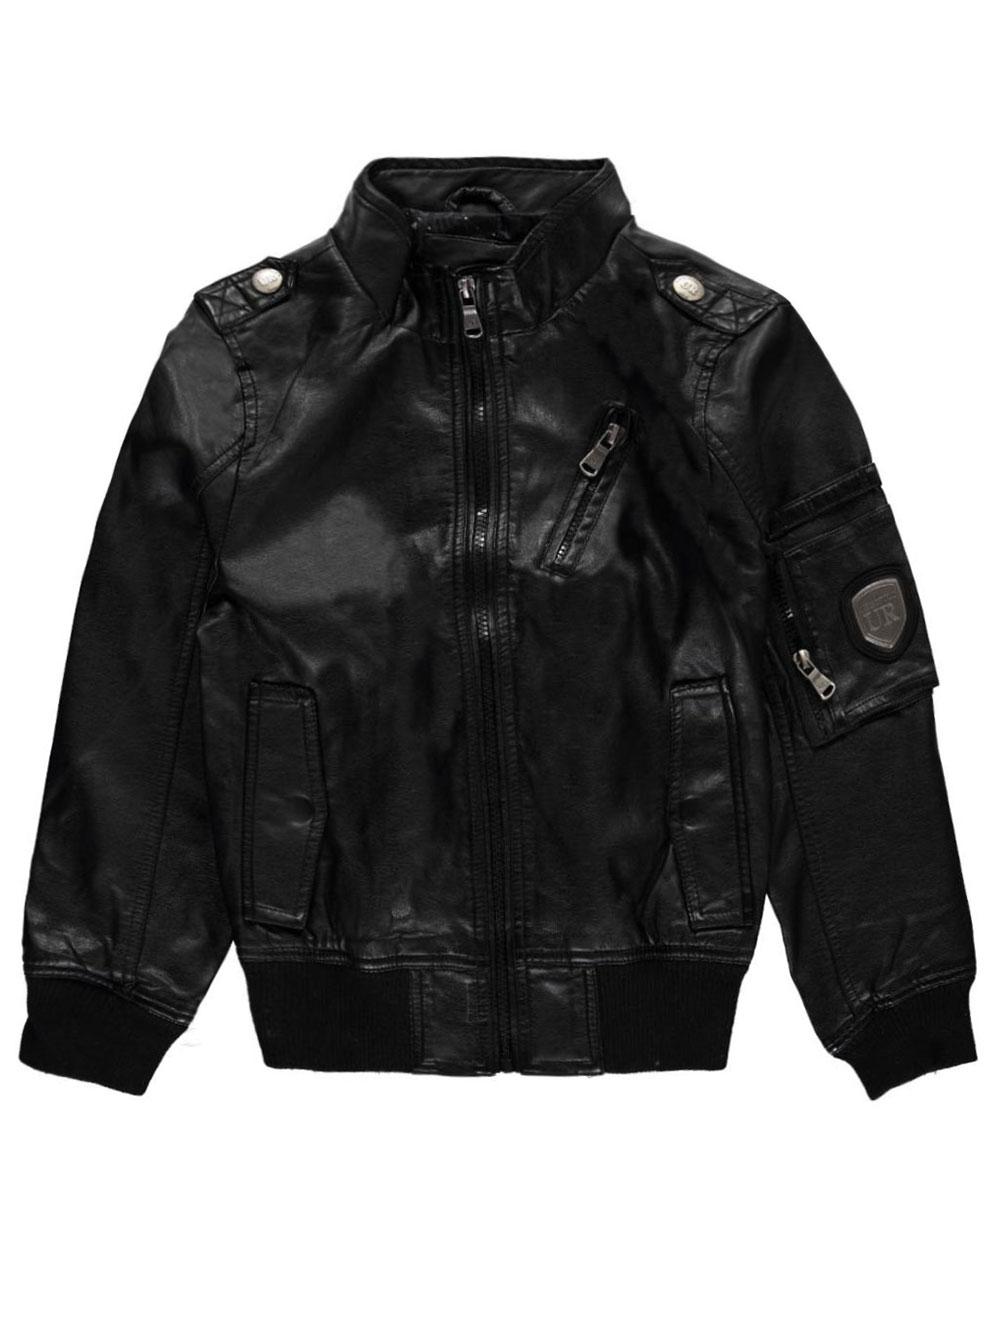 Image of Urban Republic Big Boys FauxLeather Mode Jacket Sizes 8  20  black 8